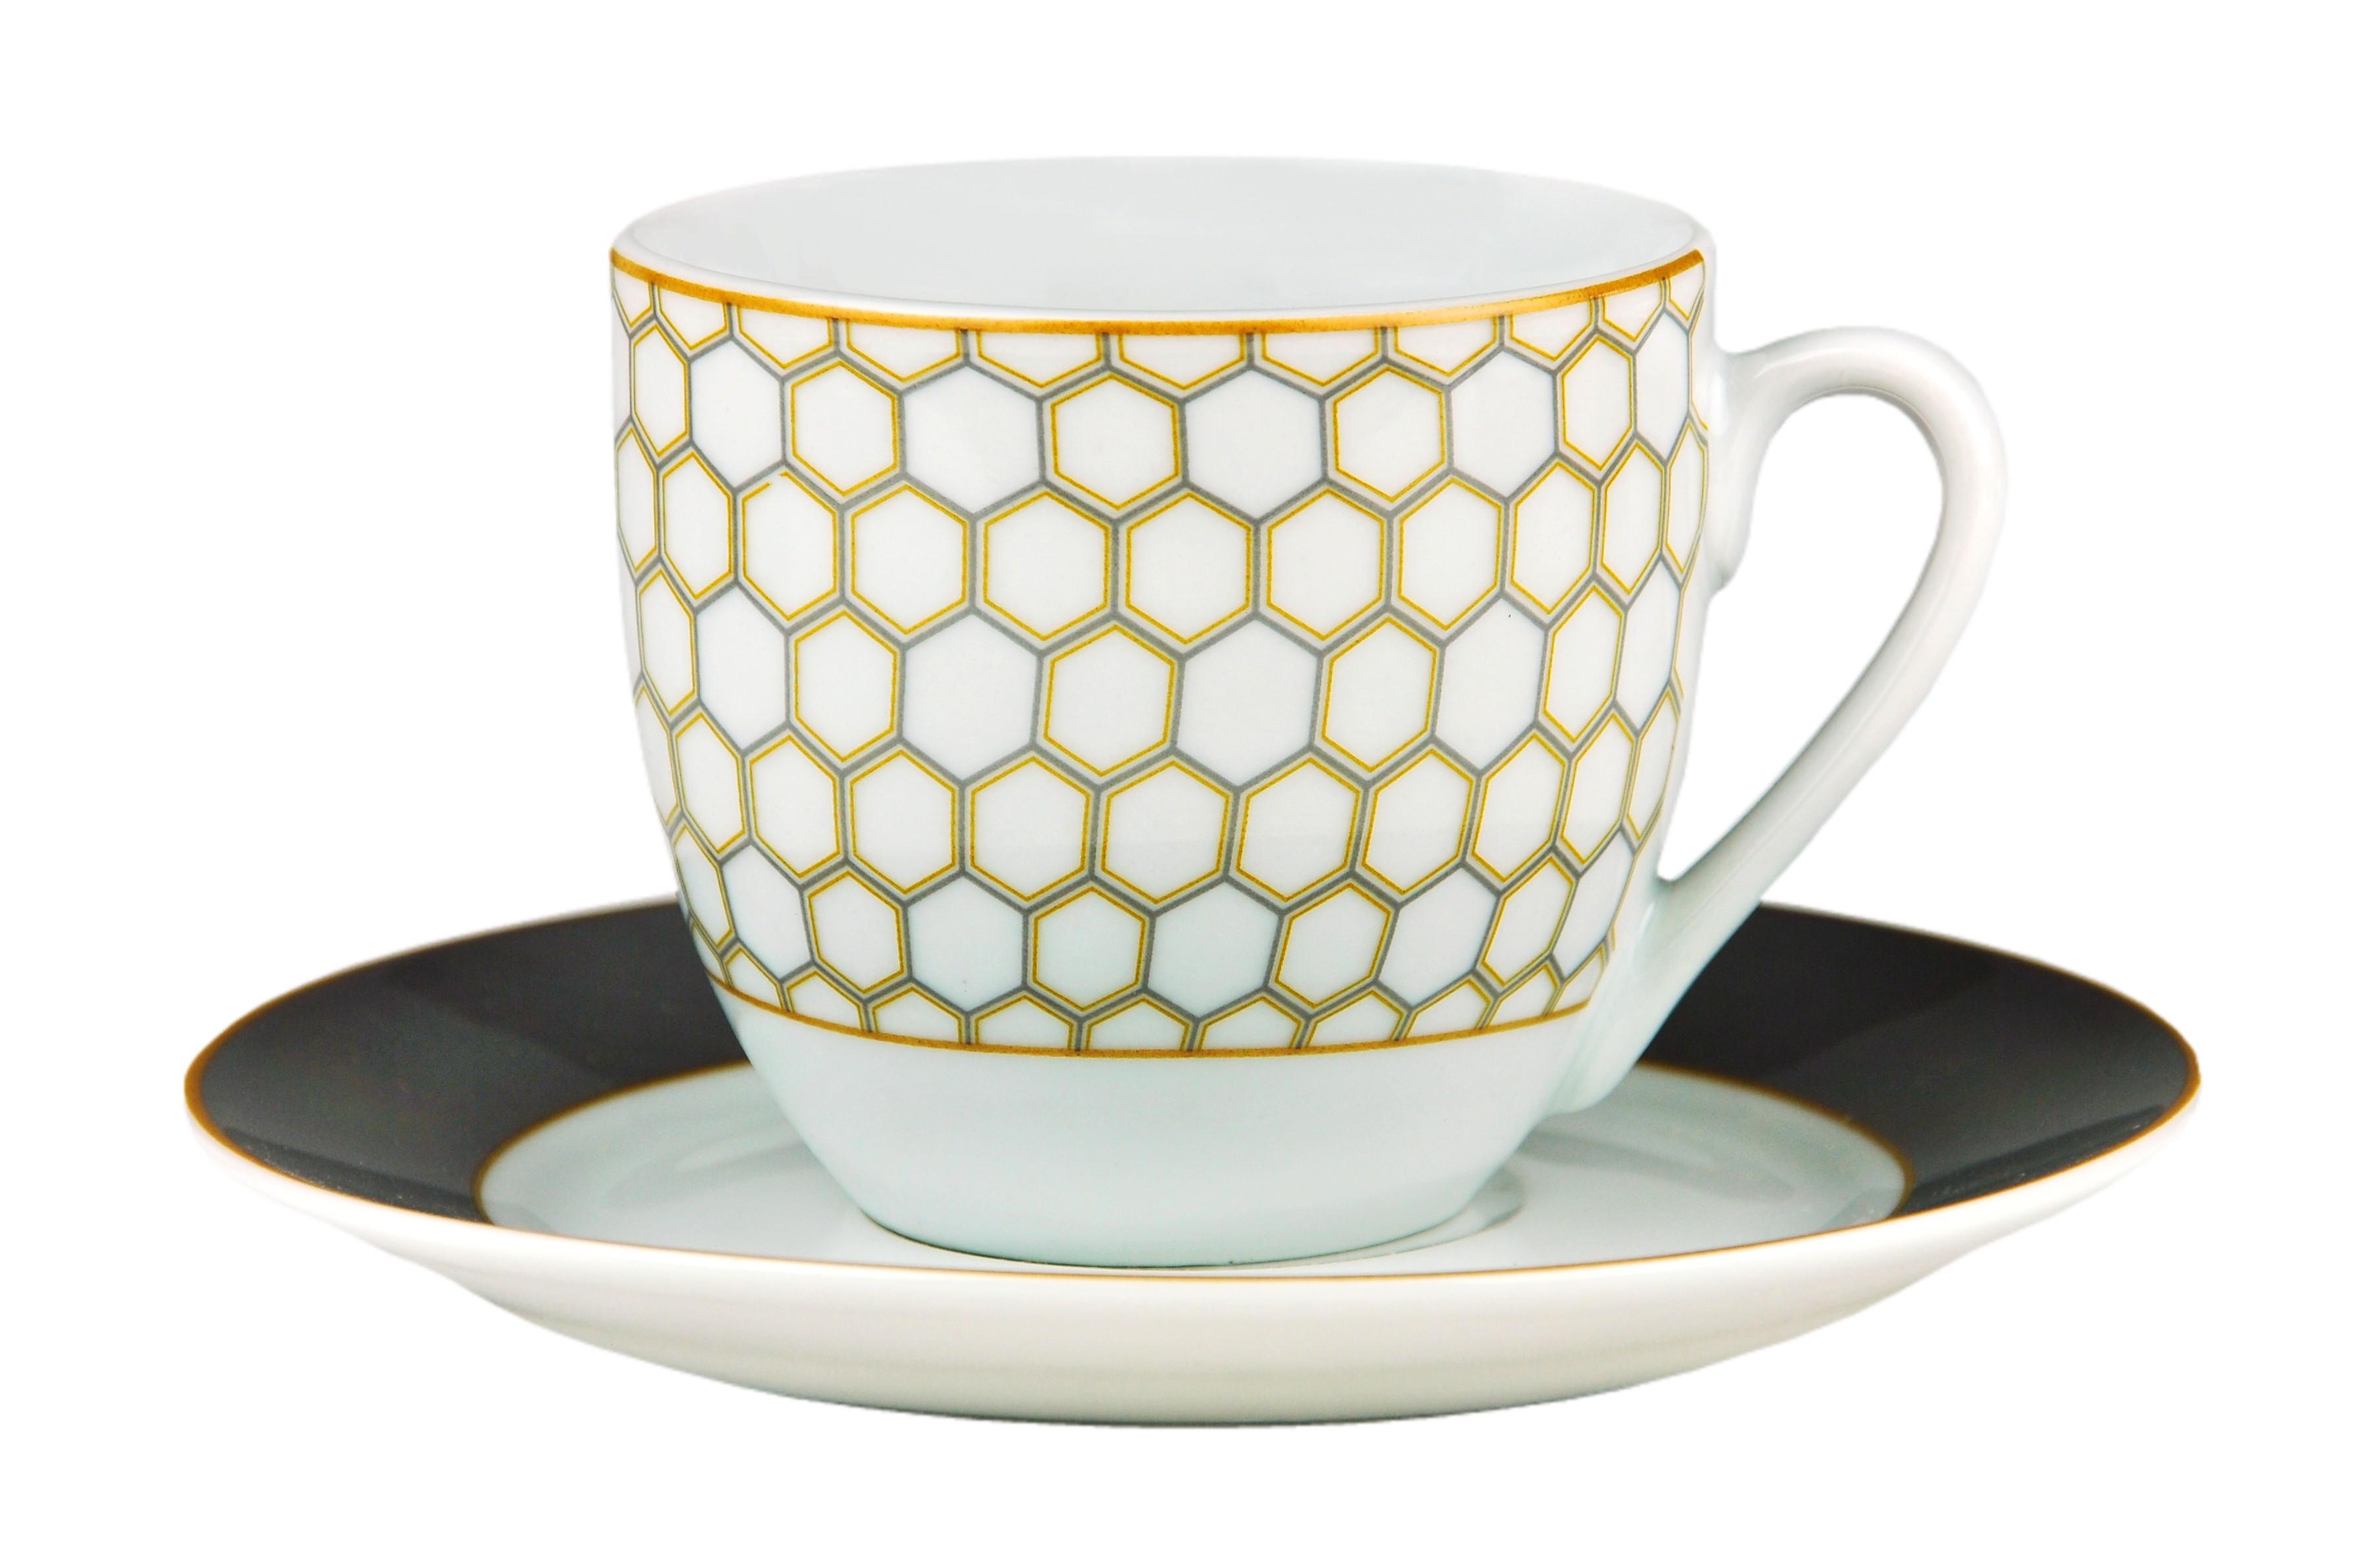 kombiservice honey 60tlg wei mit farbigem dekor f r 12 personen porzellan kombiservice mit dekor. Black Bedroom Furniture Sets. Home Design Ideas